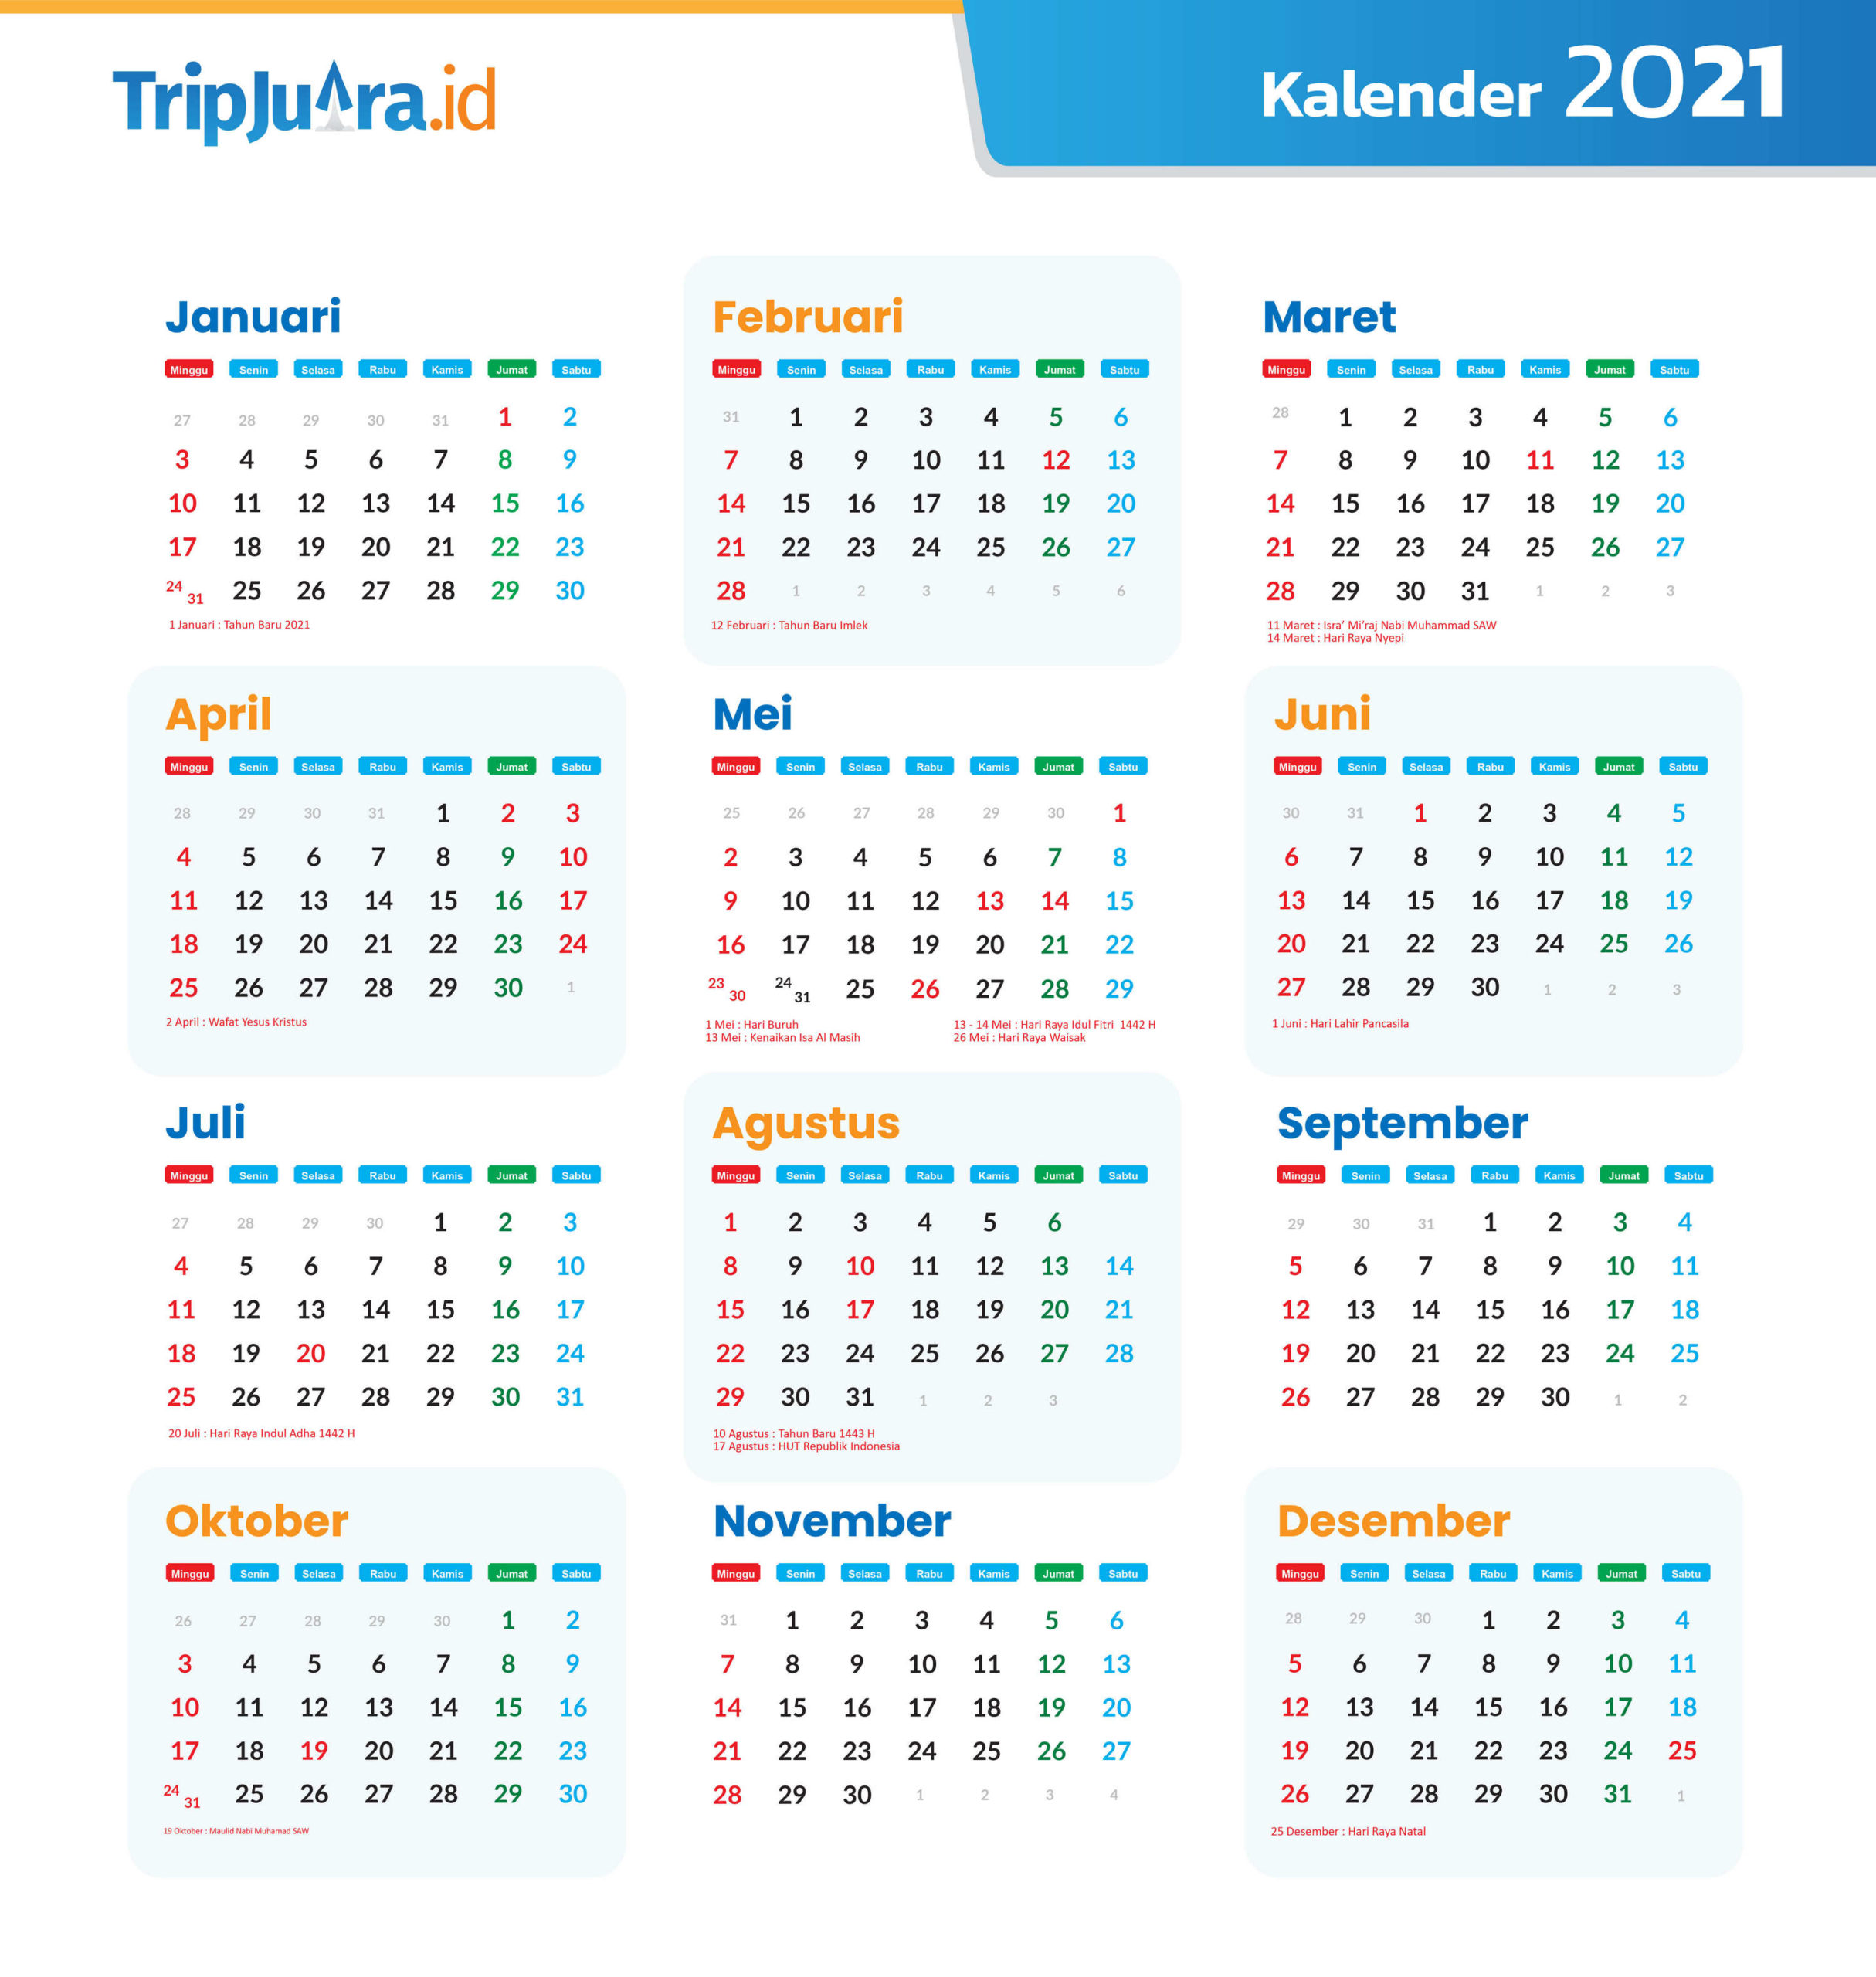 Kalender 2021 Indonesia Lengkap Dengan Libur Nasional